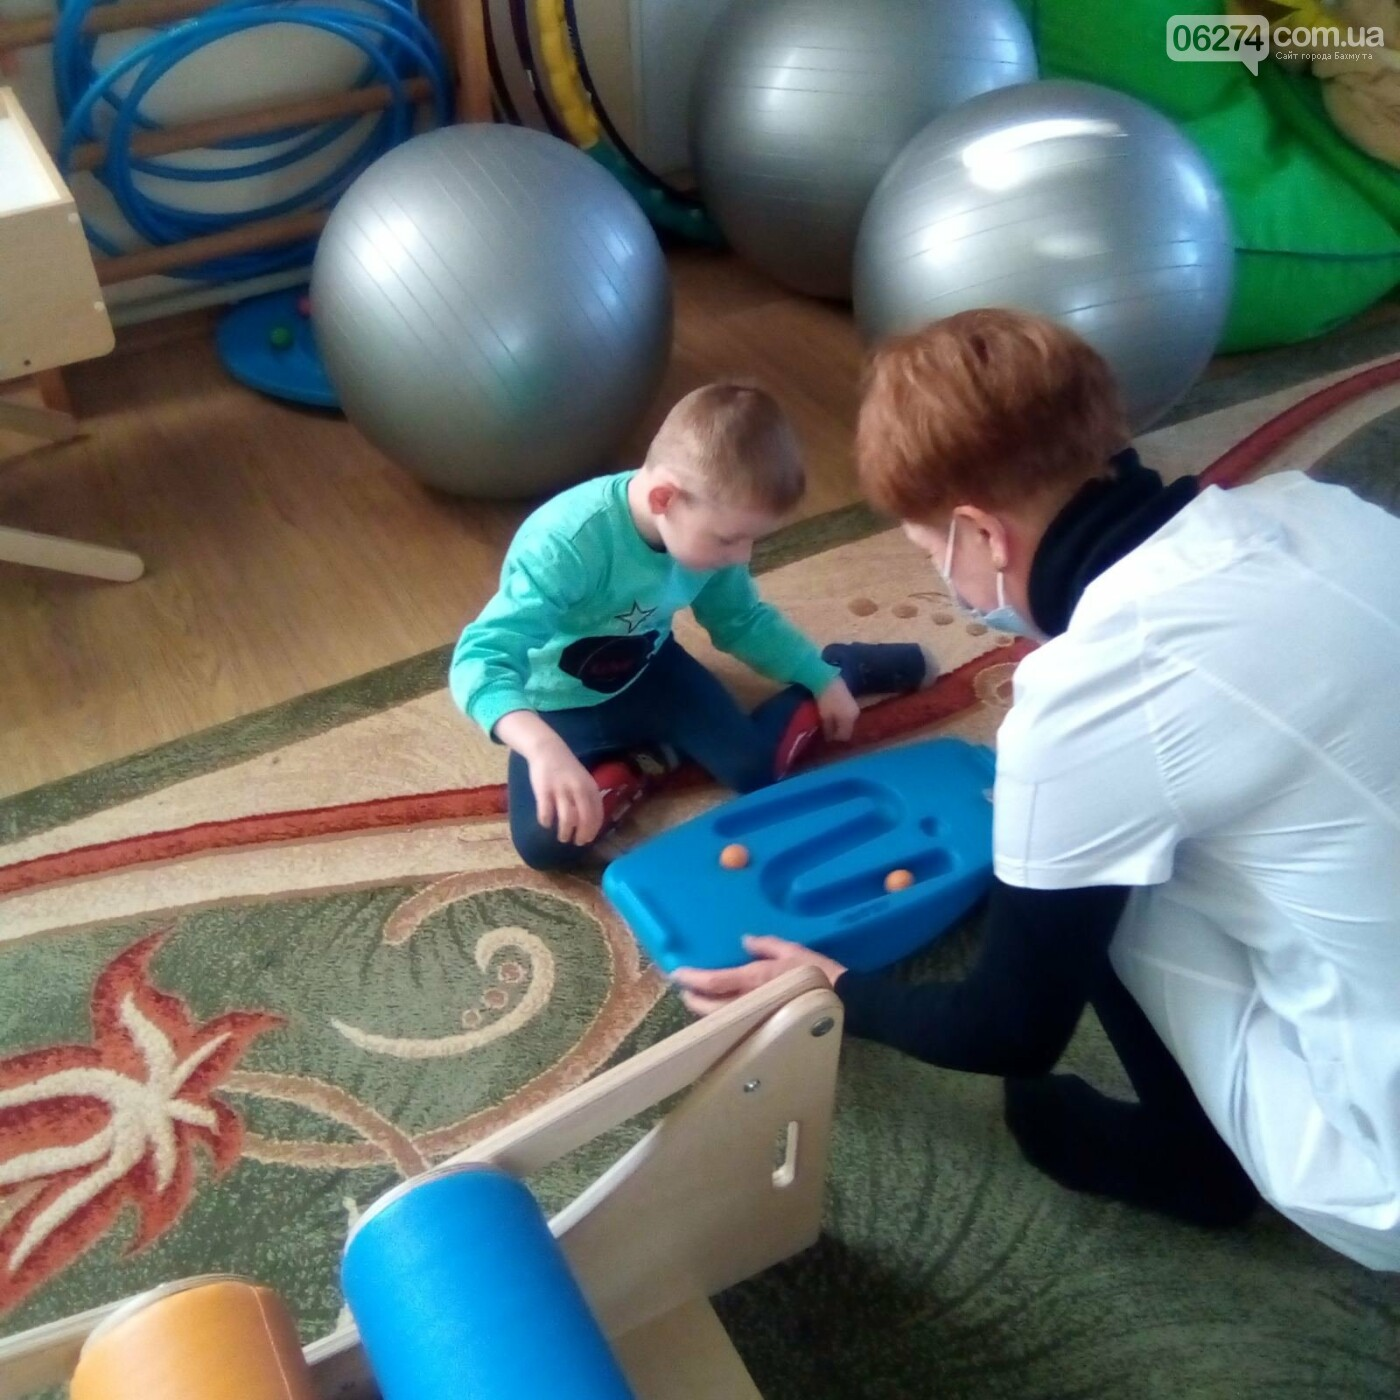 В Бахмутской больнице появилась сенсорная комната для детей, фото-3